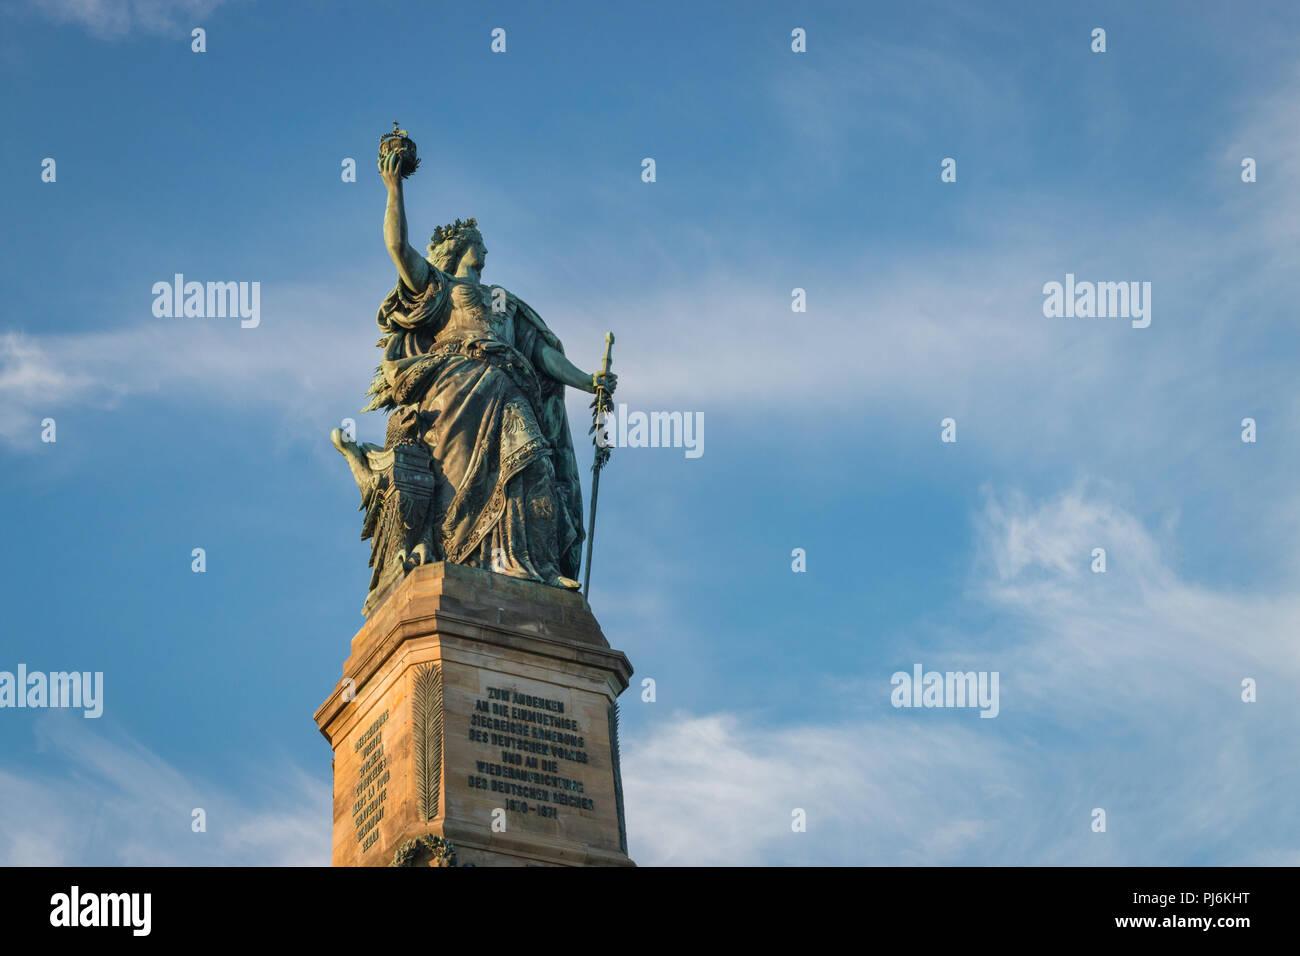 Niederwalddenkmal con germanio statua al di sopra di Ruedesheim, Germania Immagini Stock